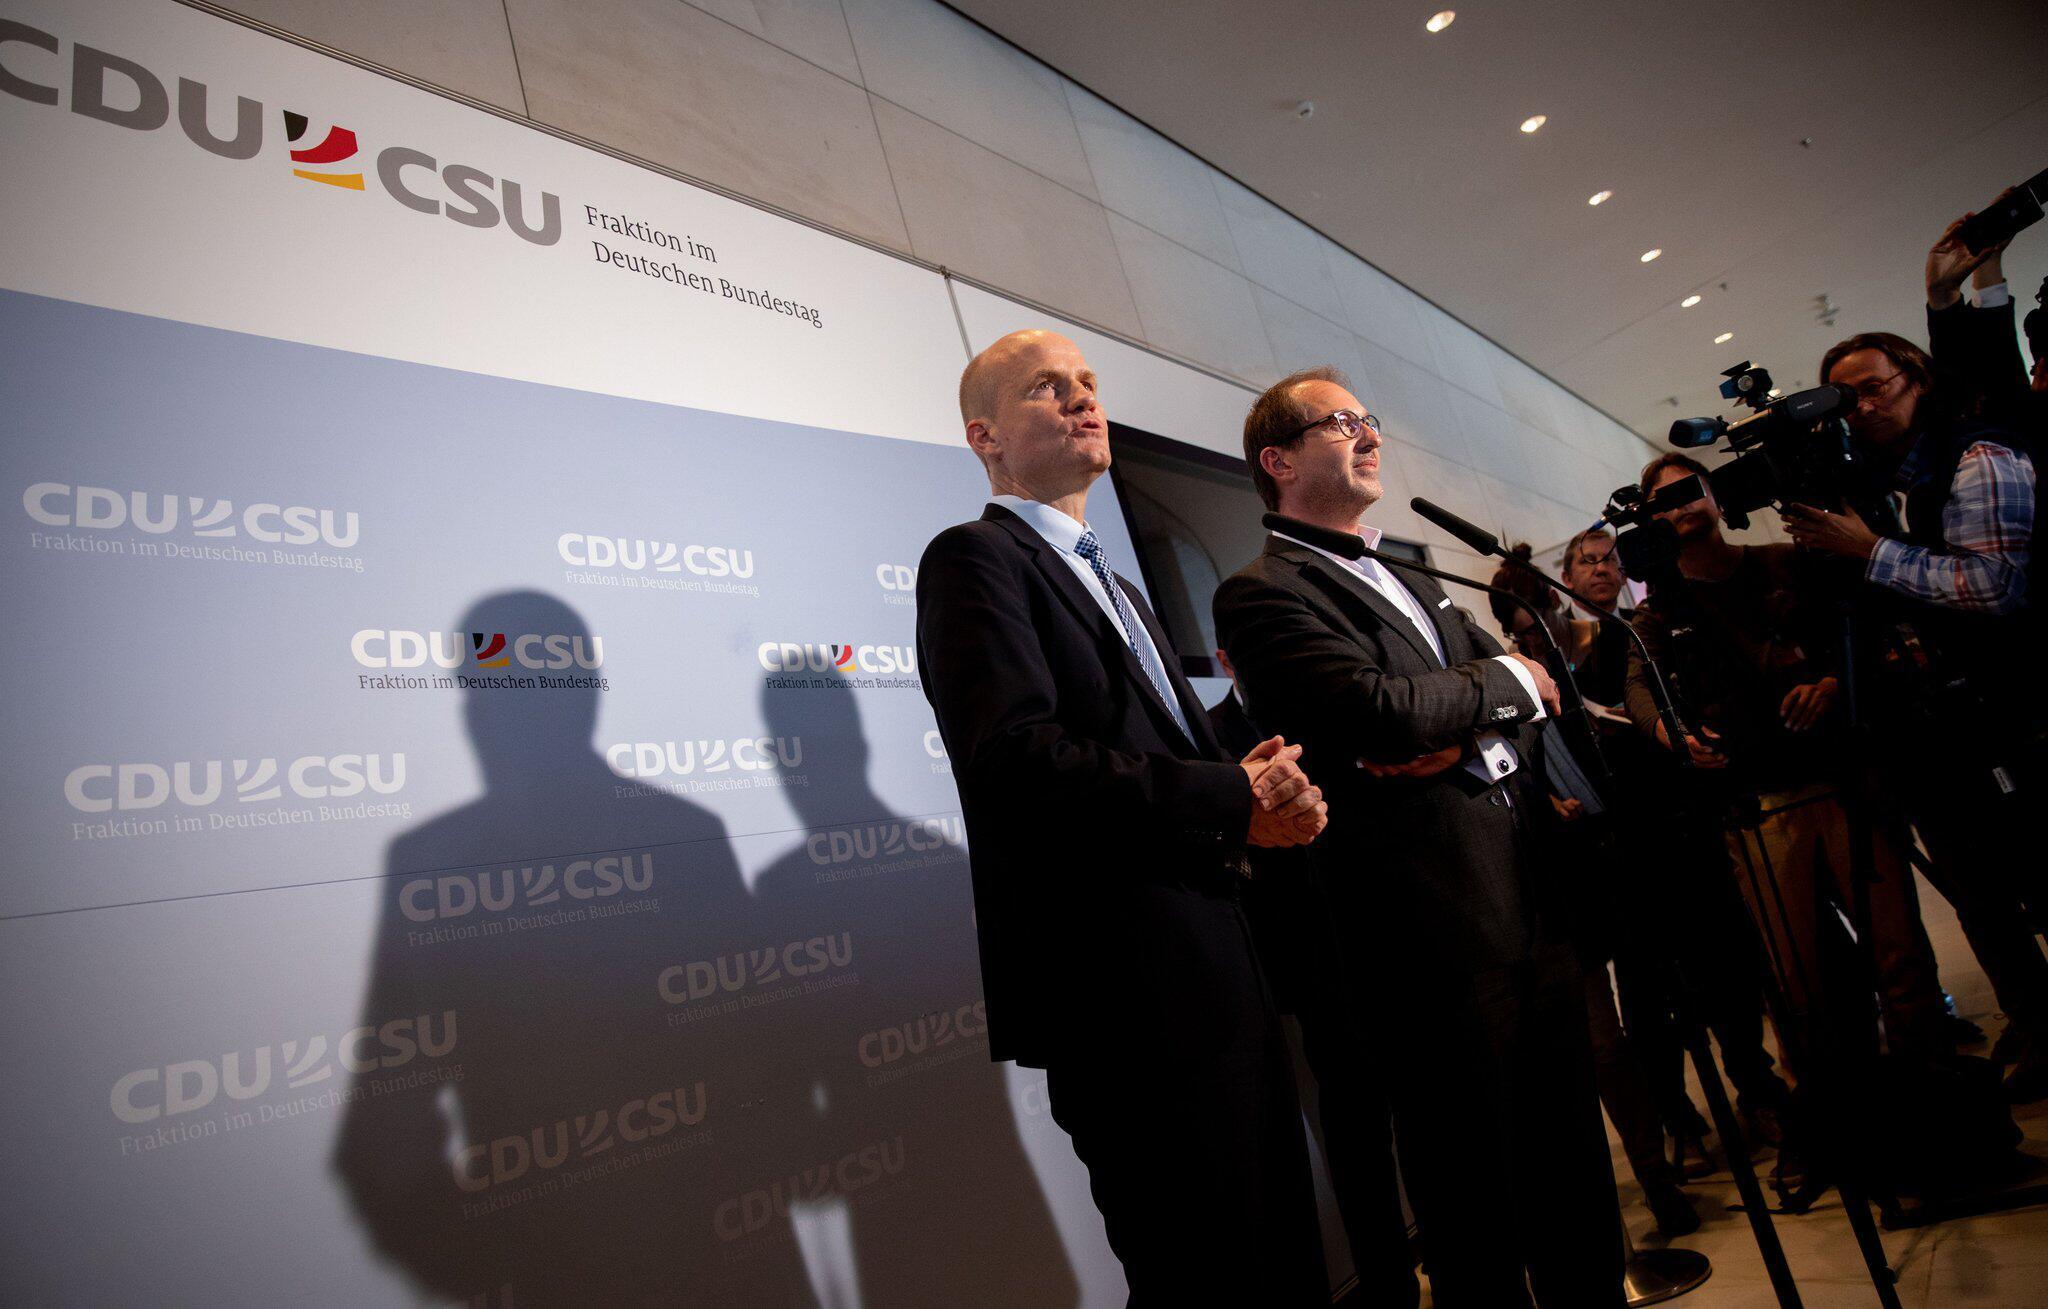 Bild zu Ralph Brinkhaus, Alexander Dobrindt, Union, CDU, CSU, Bundestagsfraktion